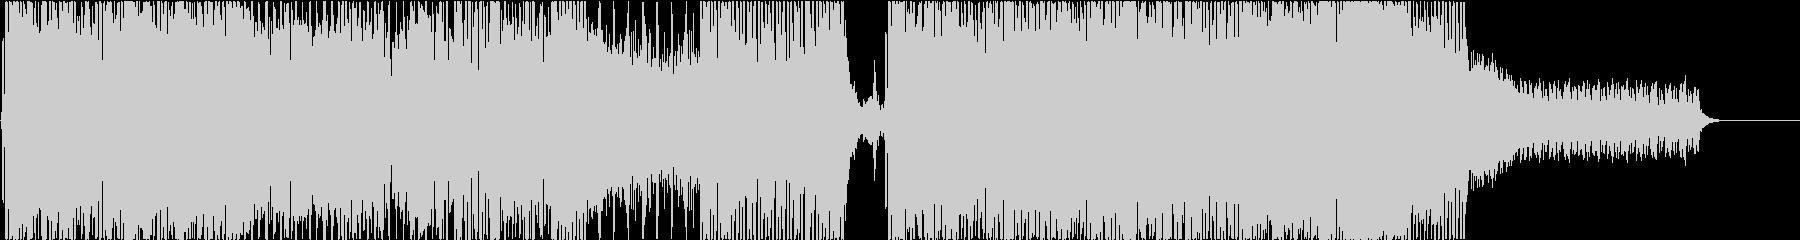 ノリノリのダンス風な篠笛曲-短縮版-の未再生の波形